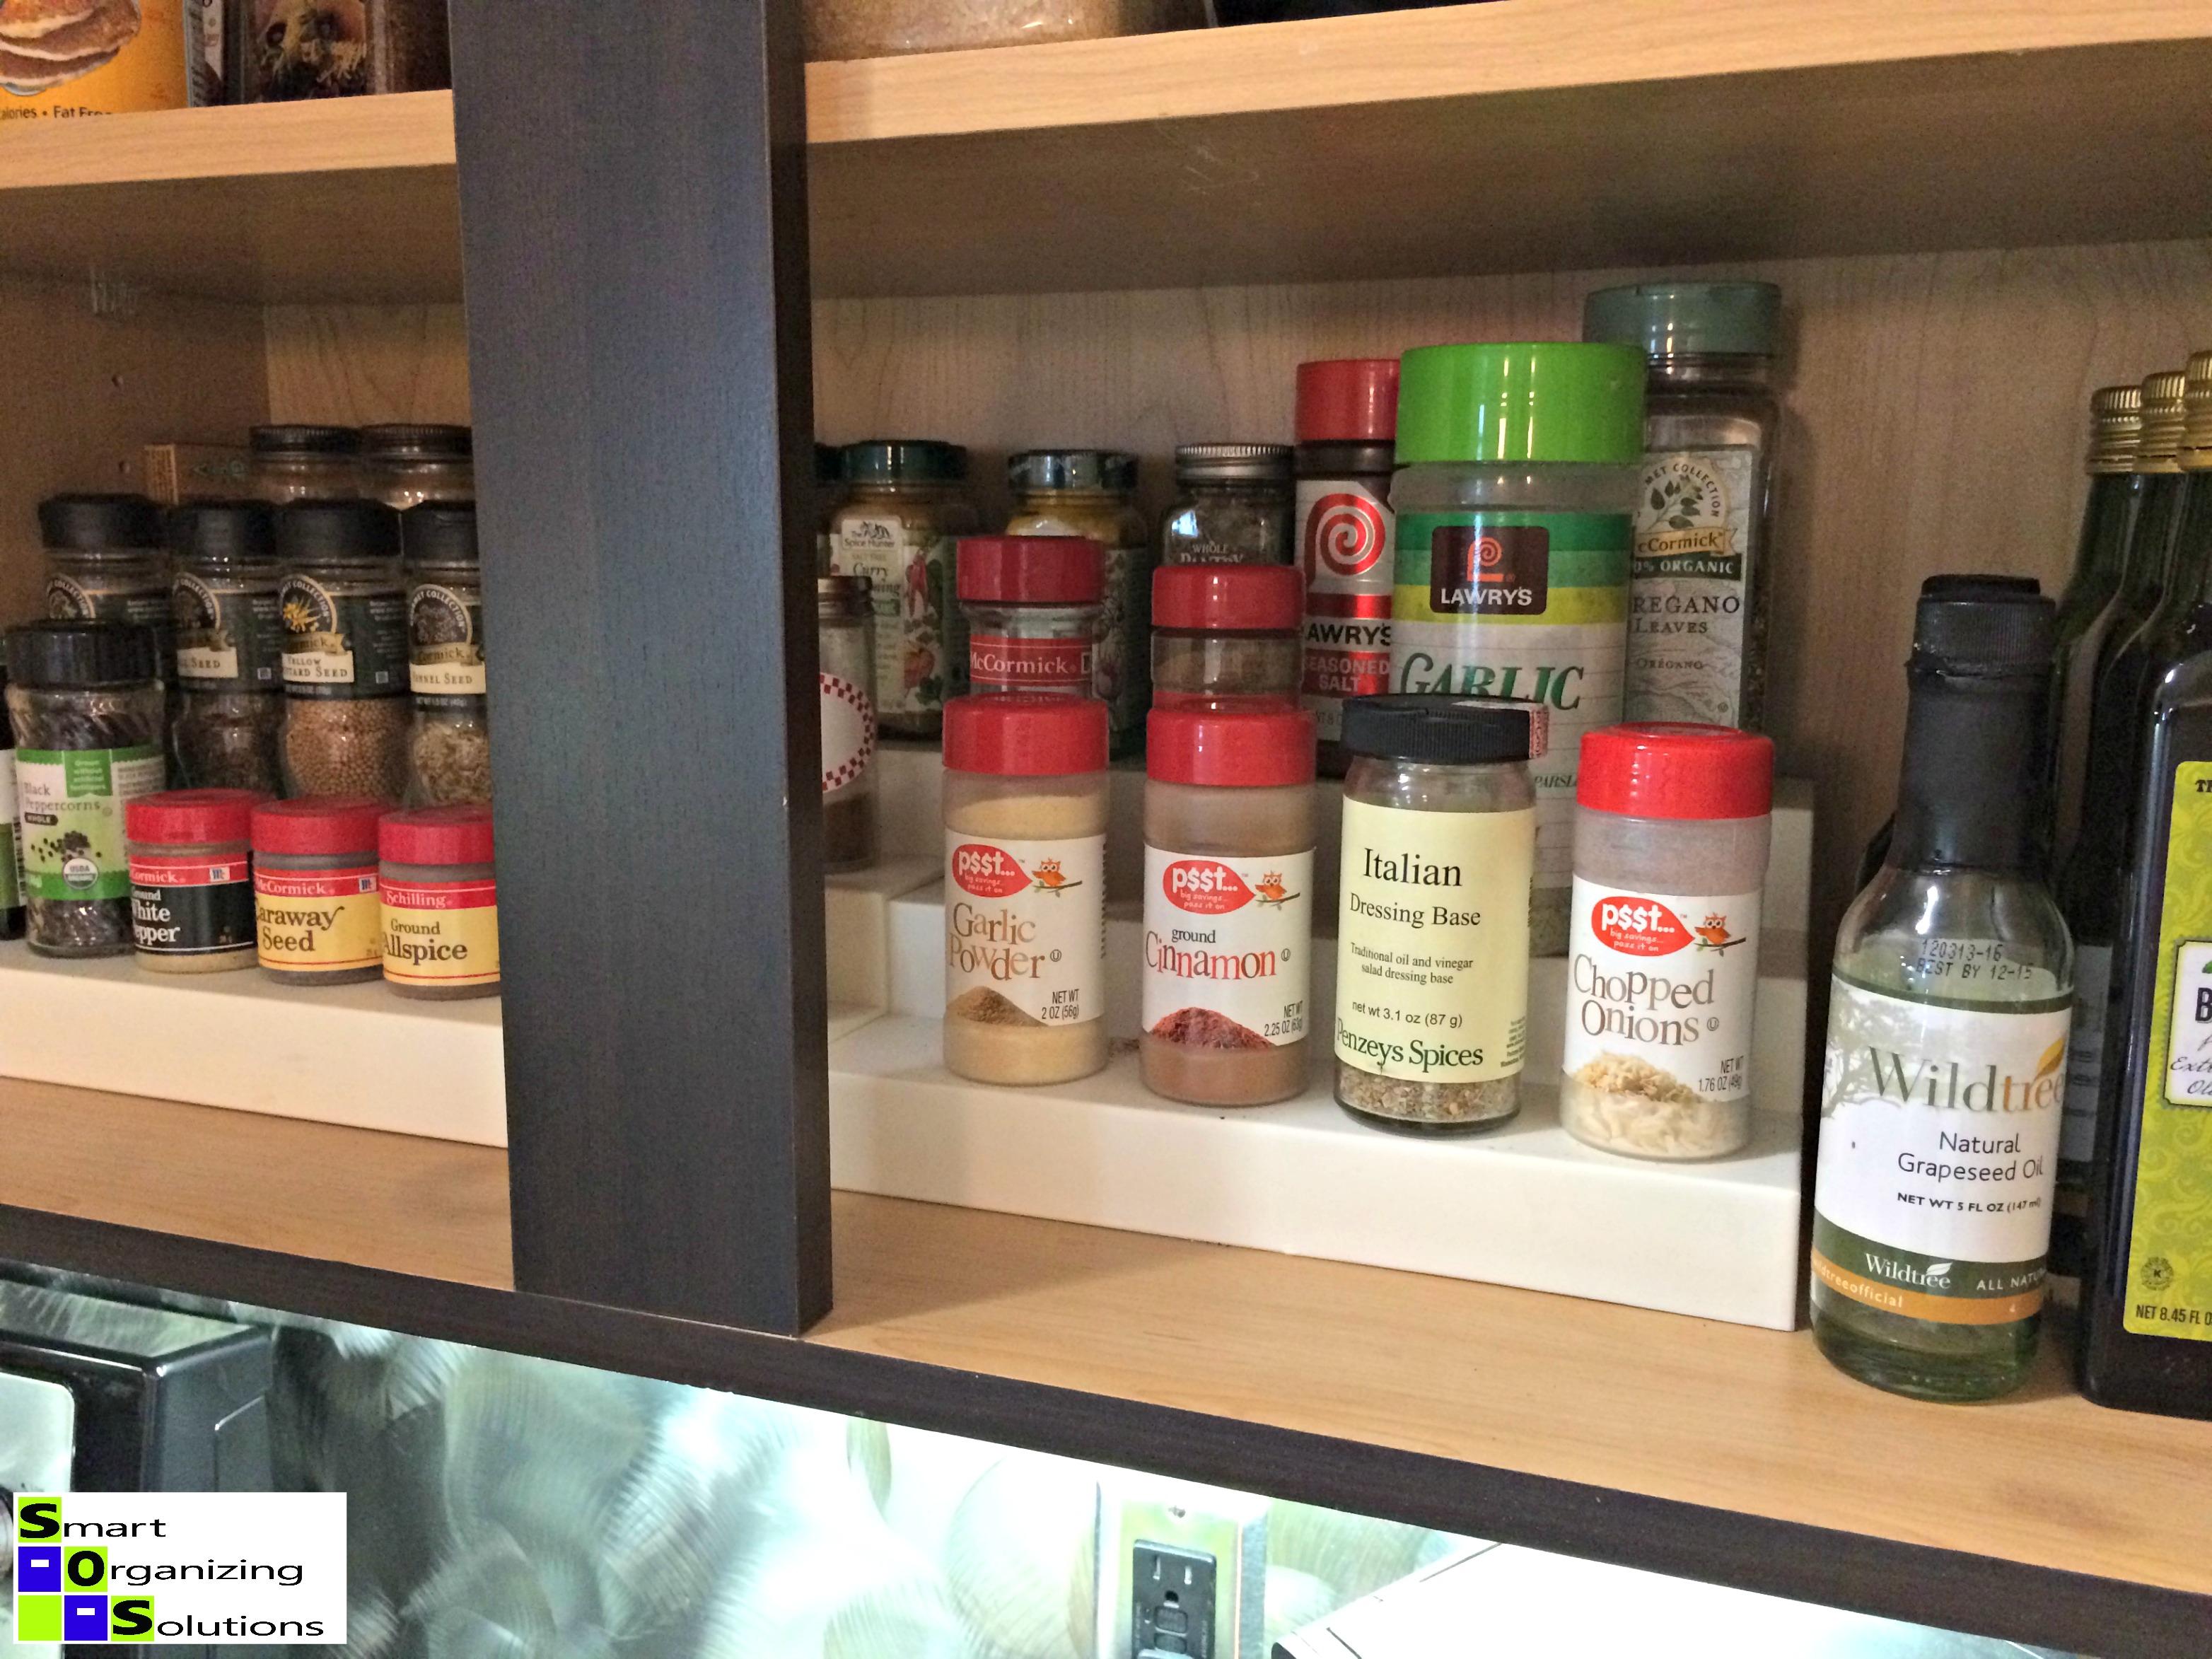 3-Tier-Spice Shelf